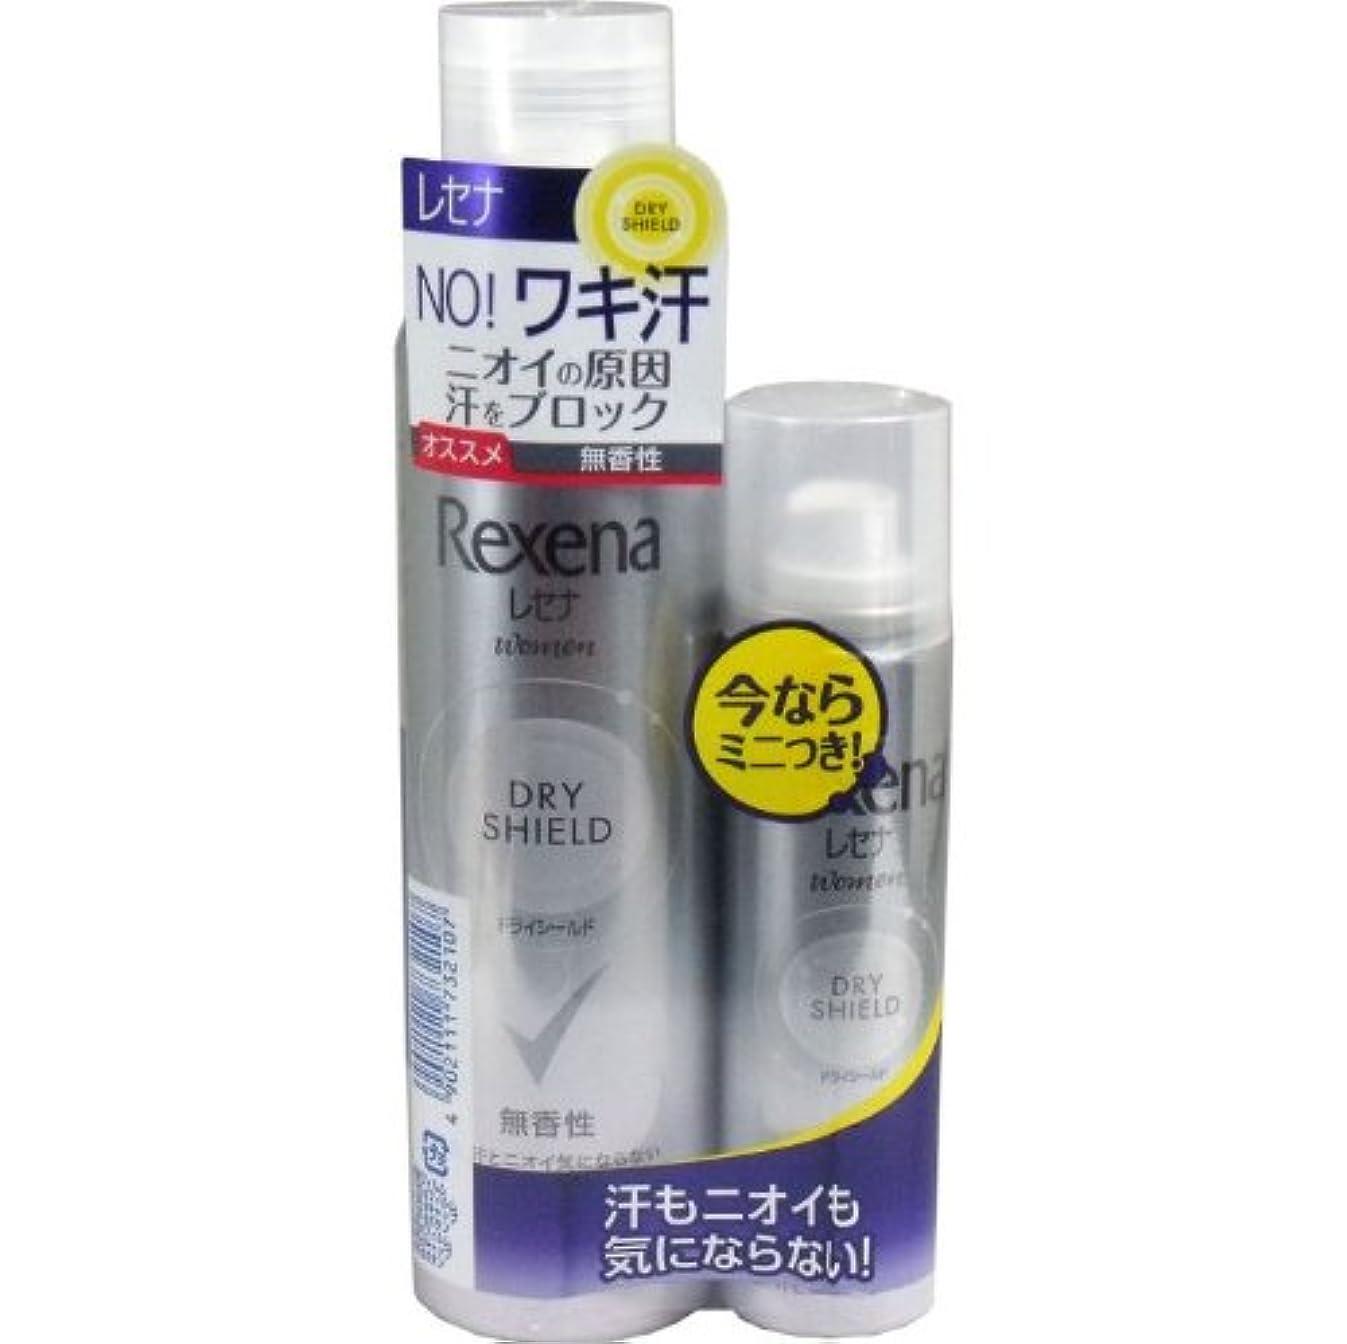 幅忘れられない結晶レセナ ドライシールドパウダースプレー 無香性 135g+(おまけ45g付き) 【5個セット】